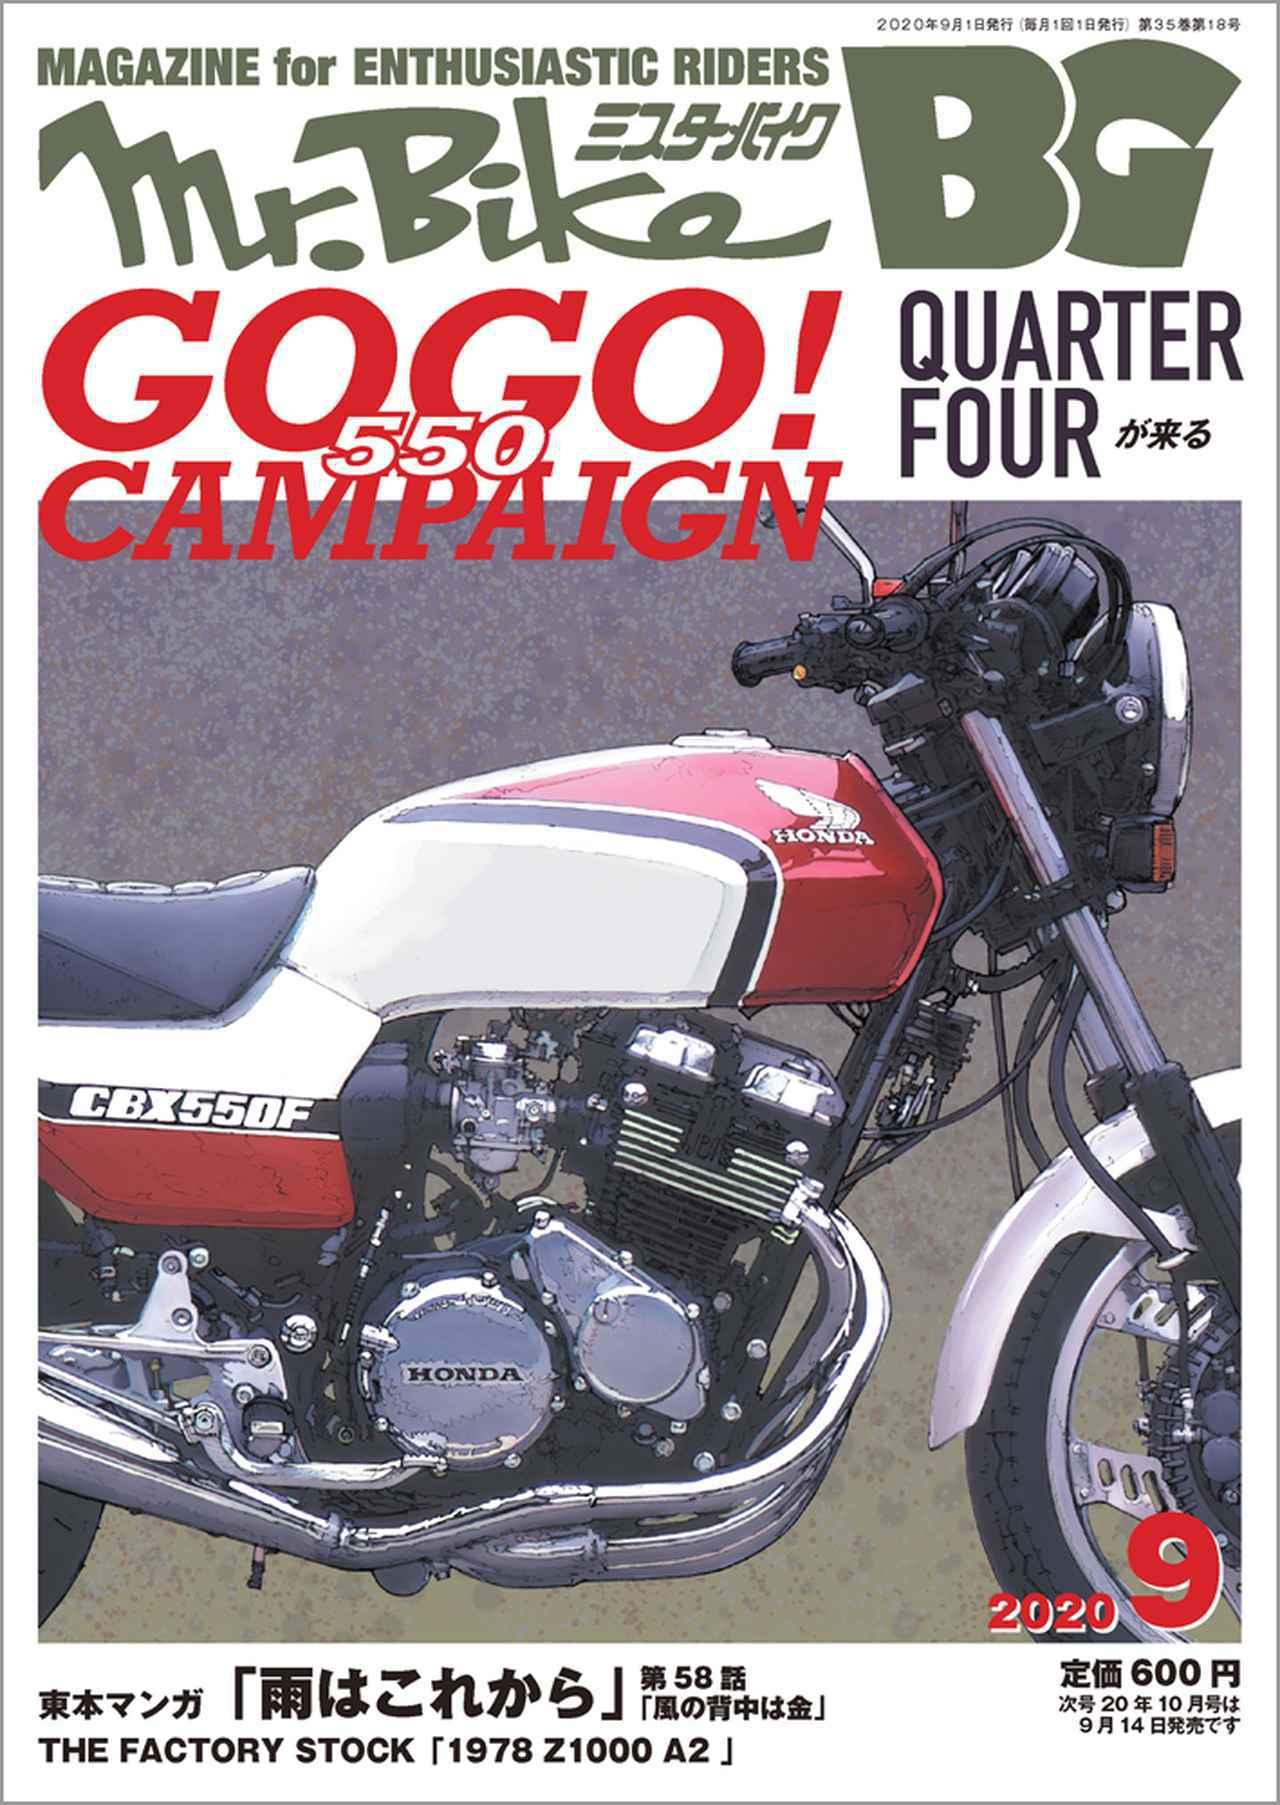 画像: 「Mr.Bike BG」2020年9月号は8月12日発売。 - 株式会社モーターマガジン社